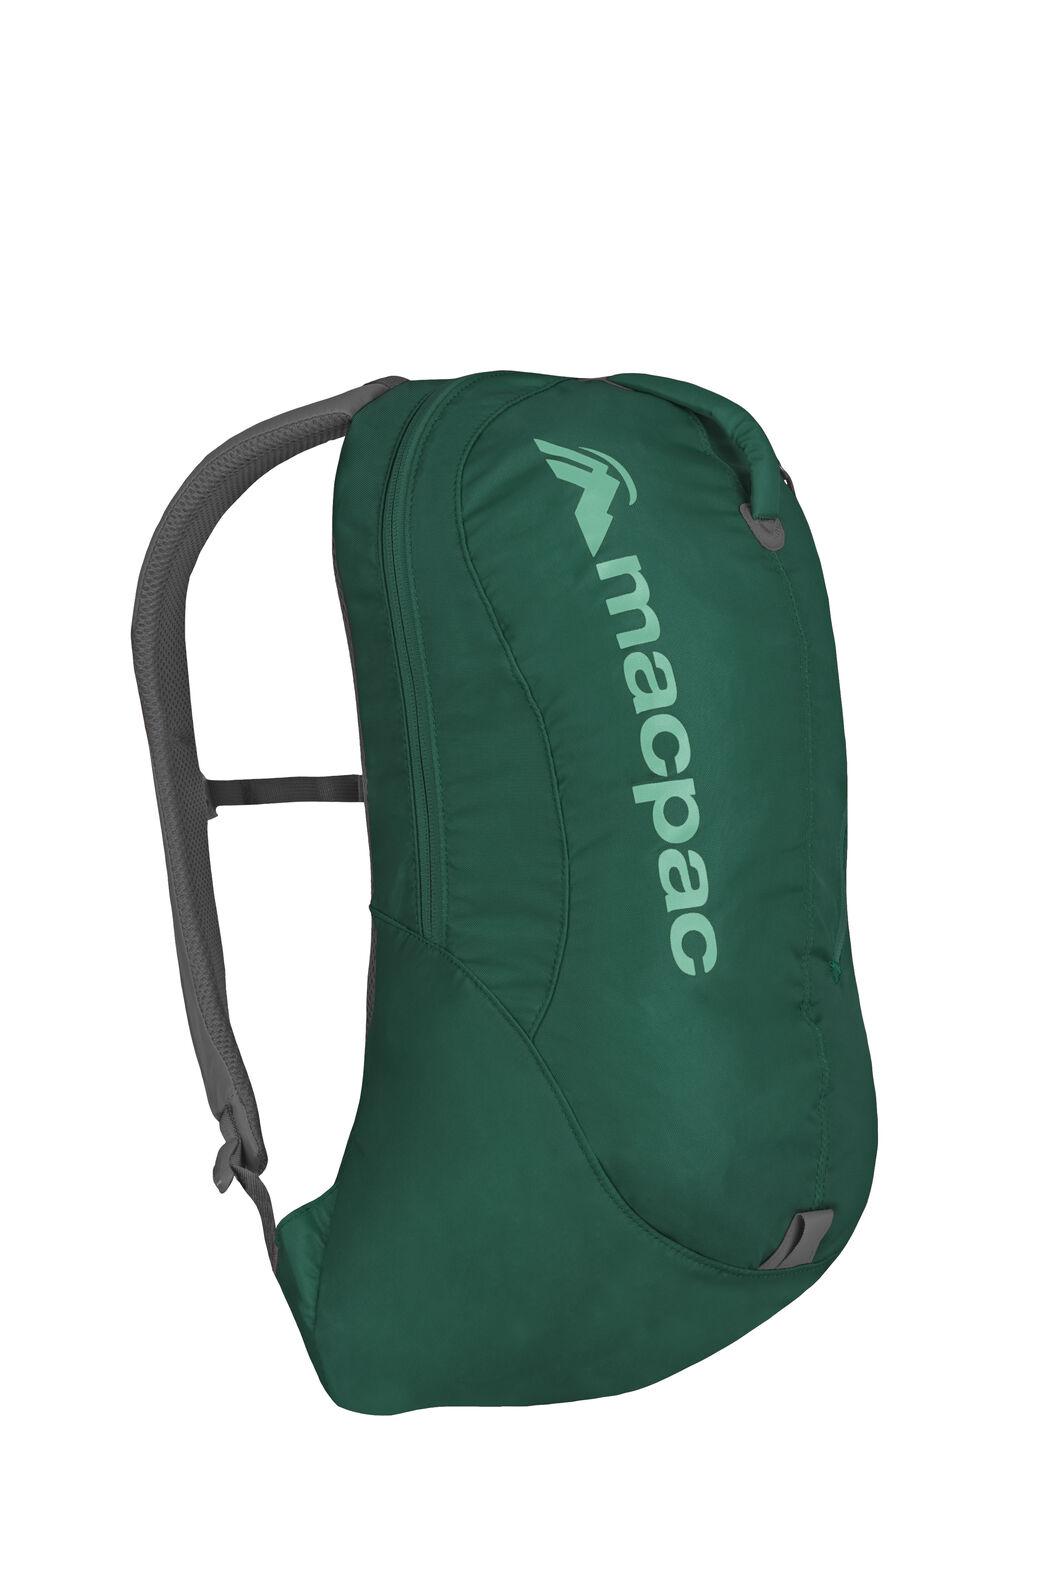 Macpac Kahuna 1.1 18L Backpack, Bayberry, hi-res